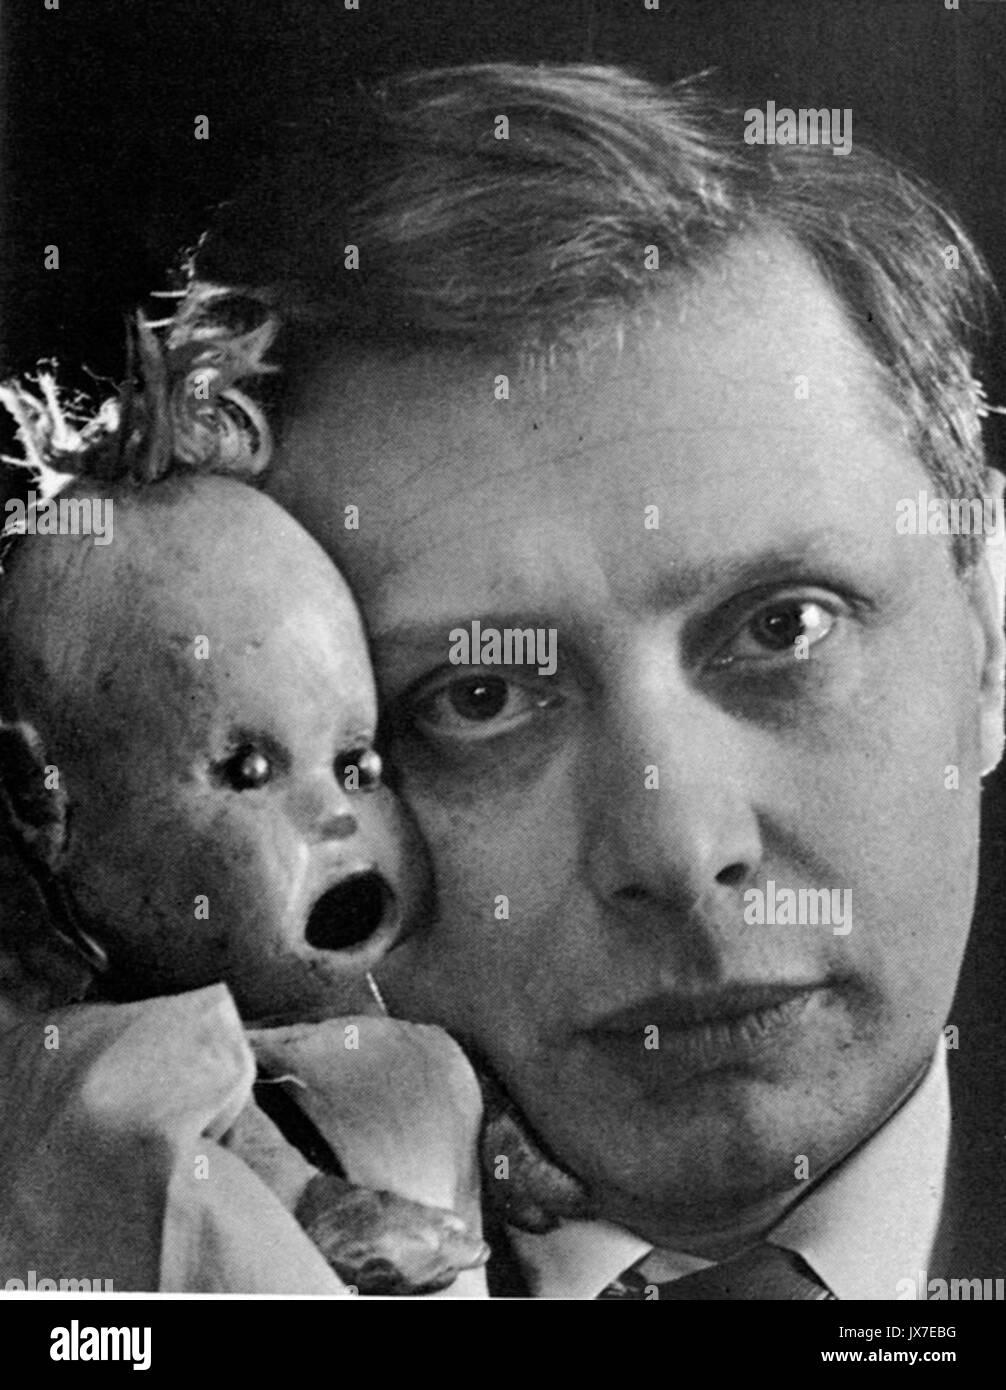 Sergey Obraztsov 1930 - Stock Image